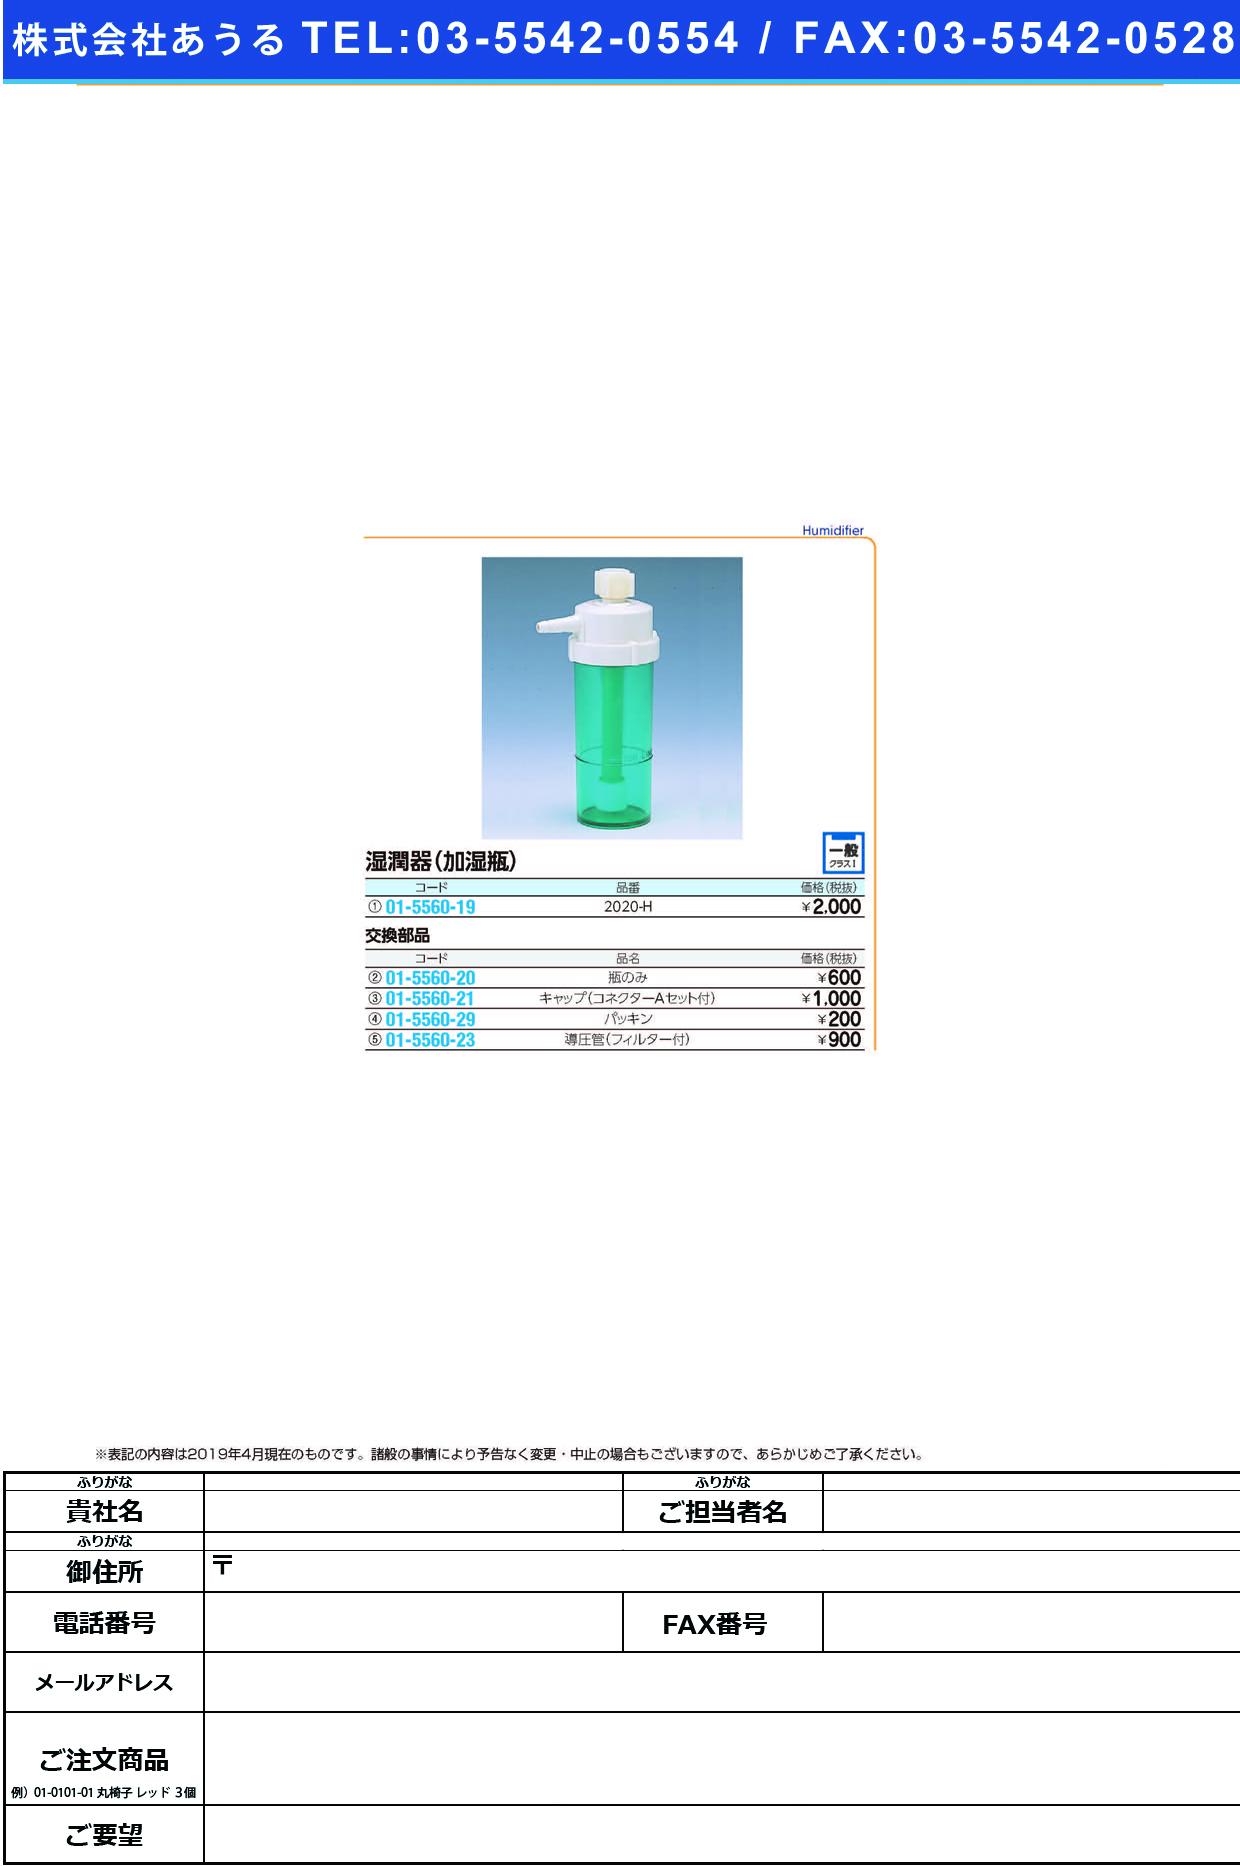 (01-5560-23)加湿瓶用導圧管(フィルター付) 2020-Hヨウ カシツビンヨウドウアツカン(ブルークロス・エマージェンシー)【1個単位】【2019年カタログ商品】